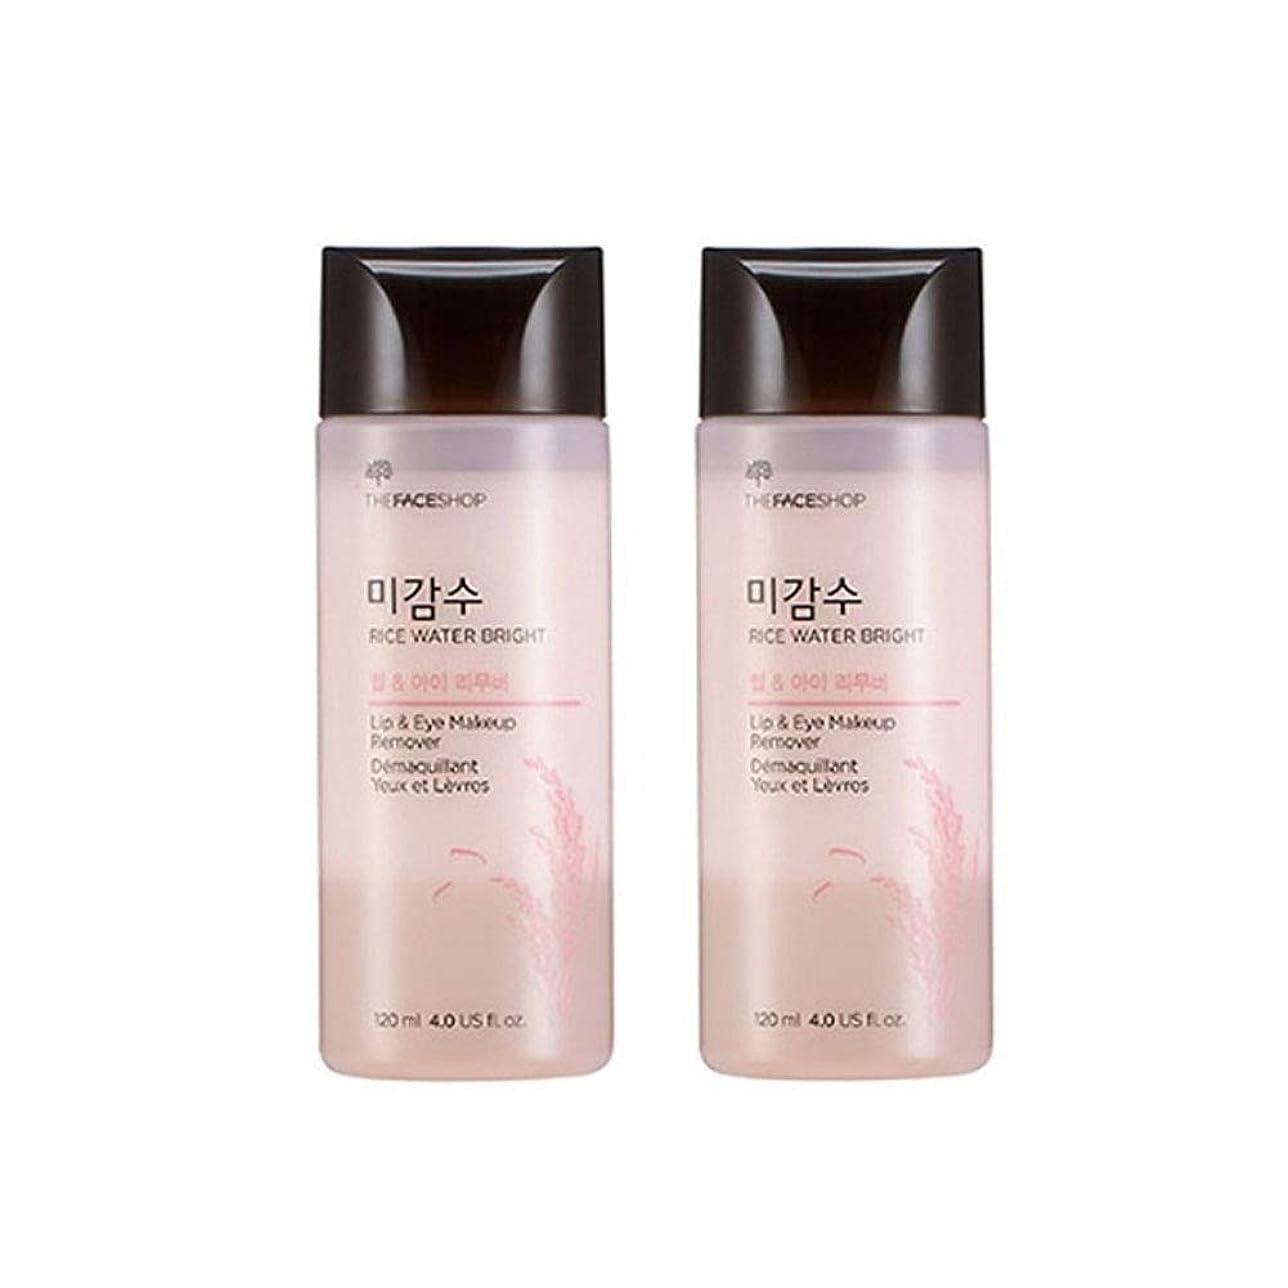 チューインガムコンクリート中国ザ?フェイスショップ米感水ブライトリップ&アイリムーバー120ml x 2本セット韓国コスメ、The Face Shop Rice Water Bright Lip&Eye Remover 120ml x 2ea Set Korean Cosmetics [並行輸入品]